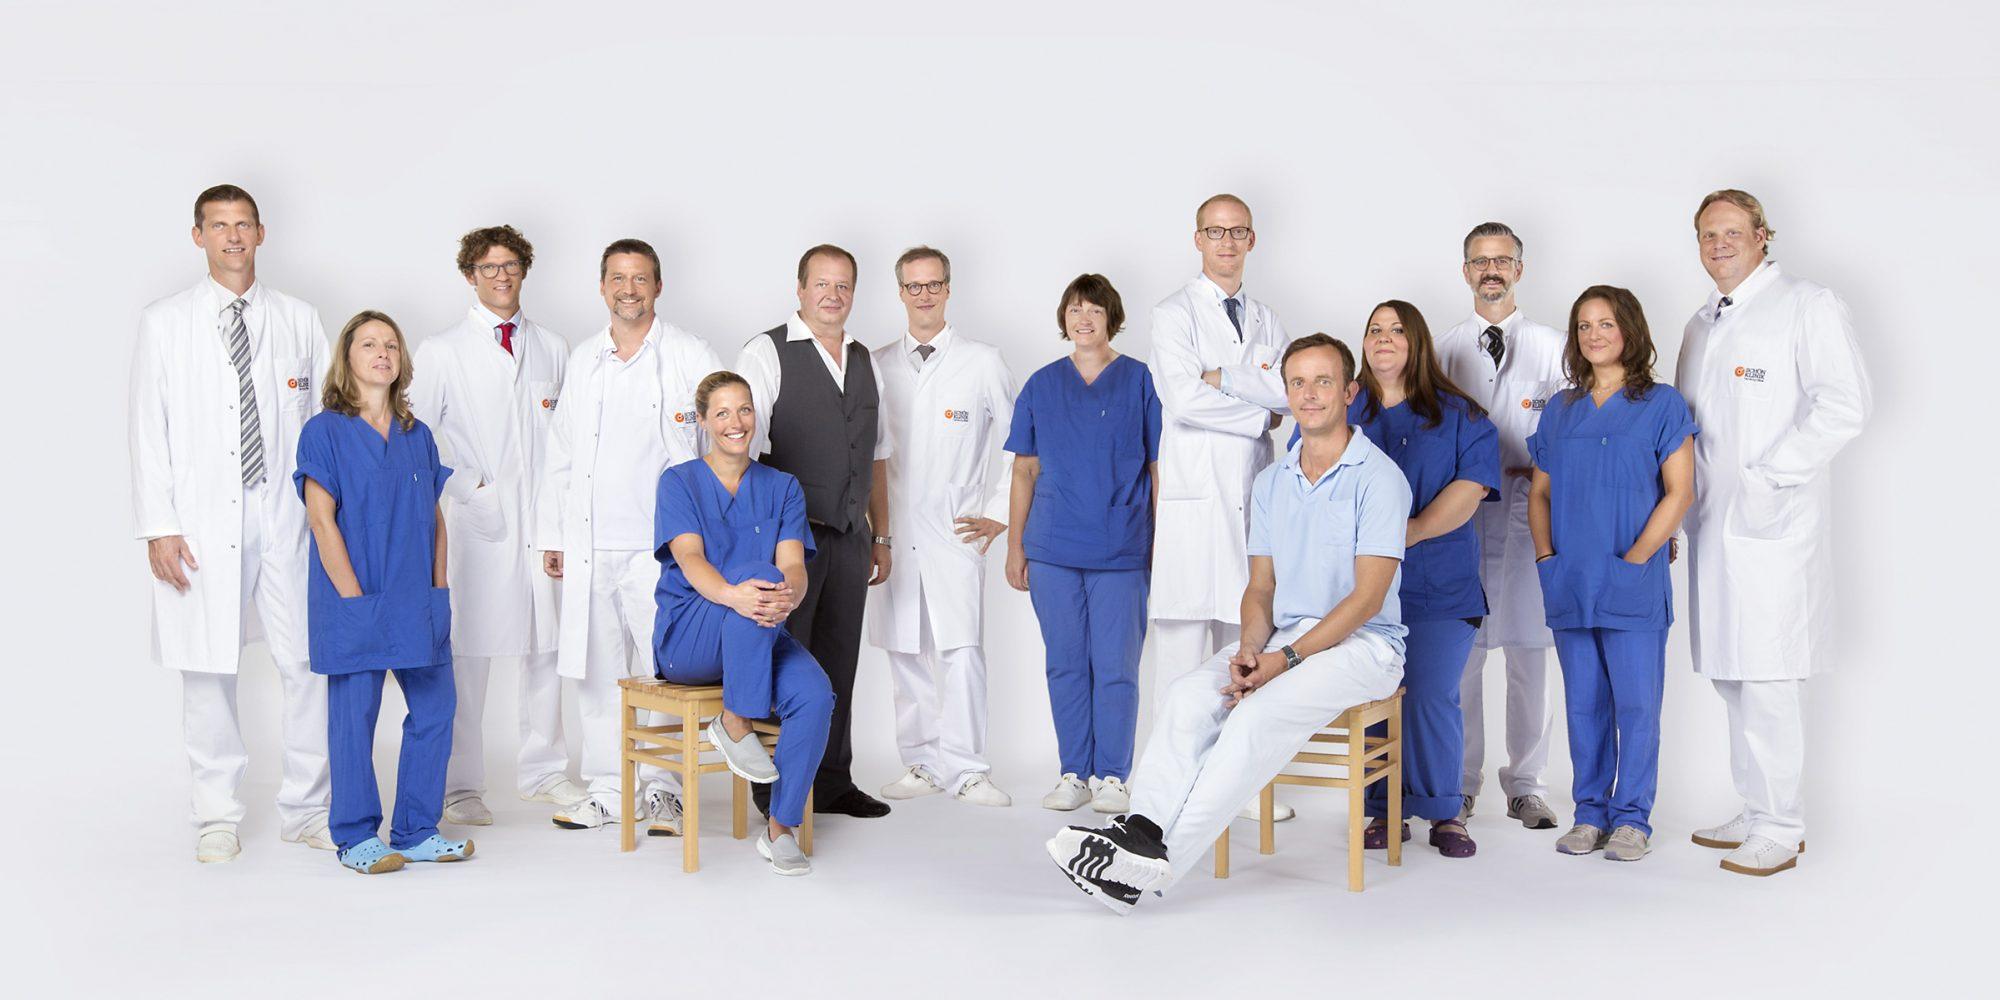 Dieses Medizinfoto zeigt Mitarbeiter einer Hamburger Klinik.